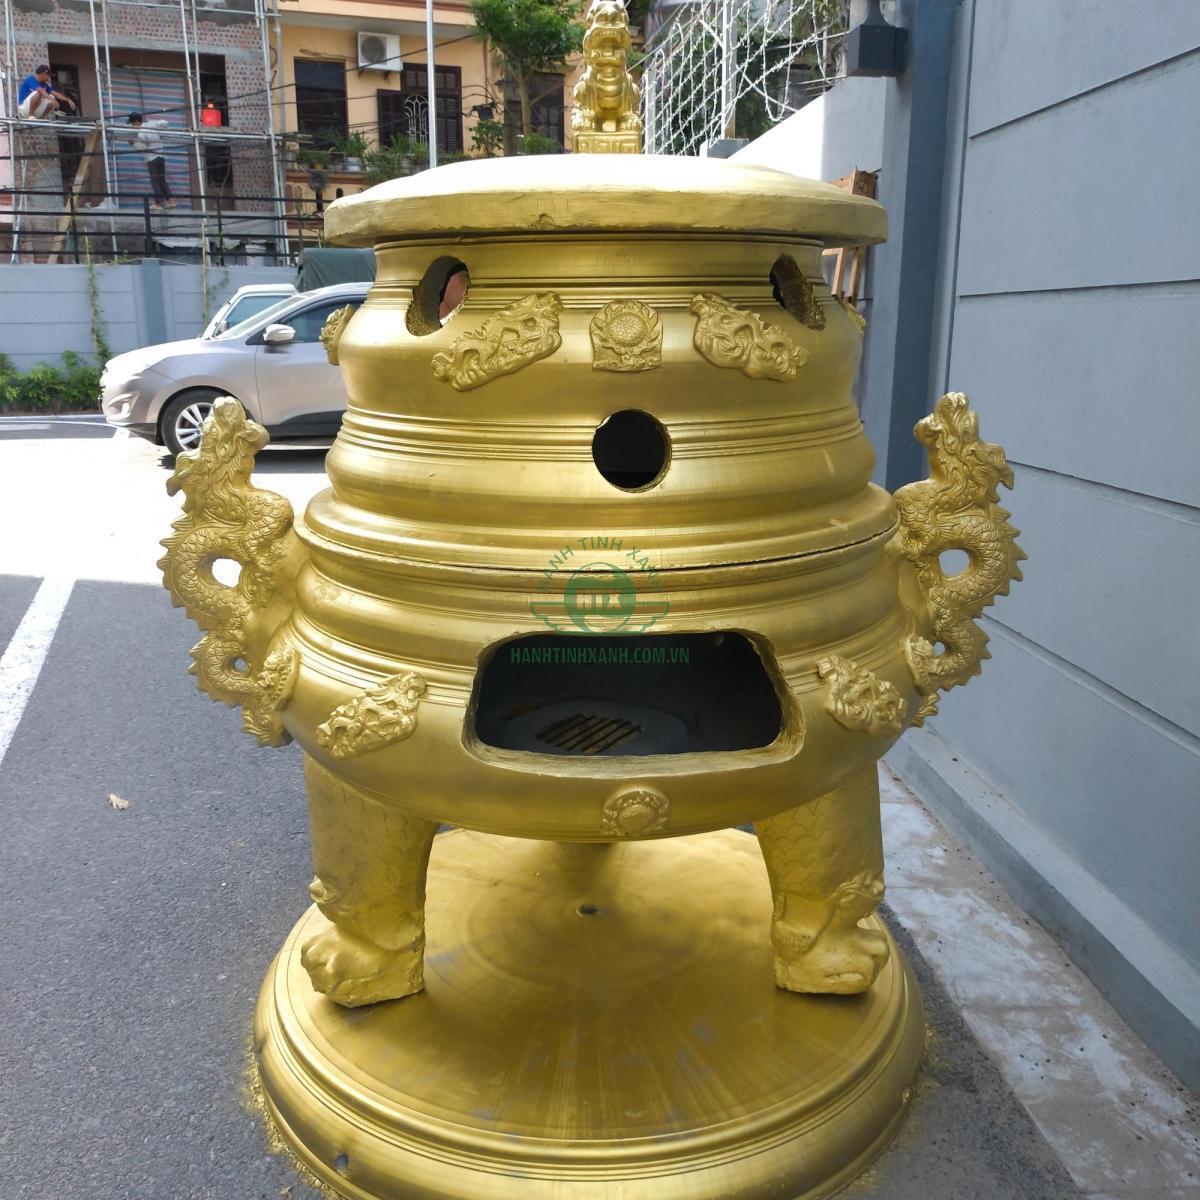 Đỉnh hóa vàng Tâm Phúc cao cấp, giá rẻ tại Hà Nội